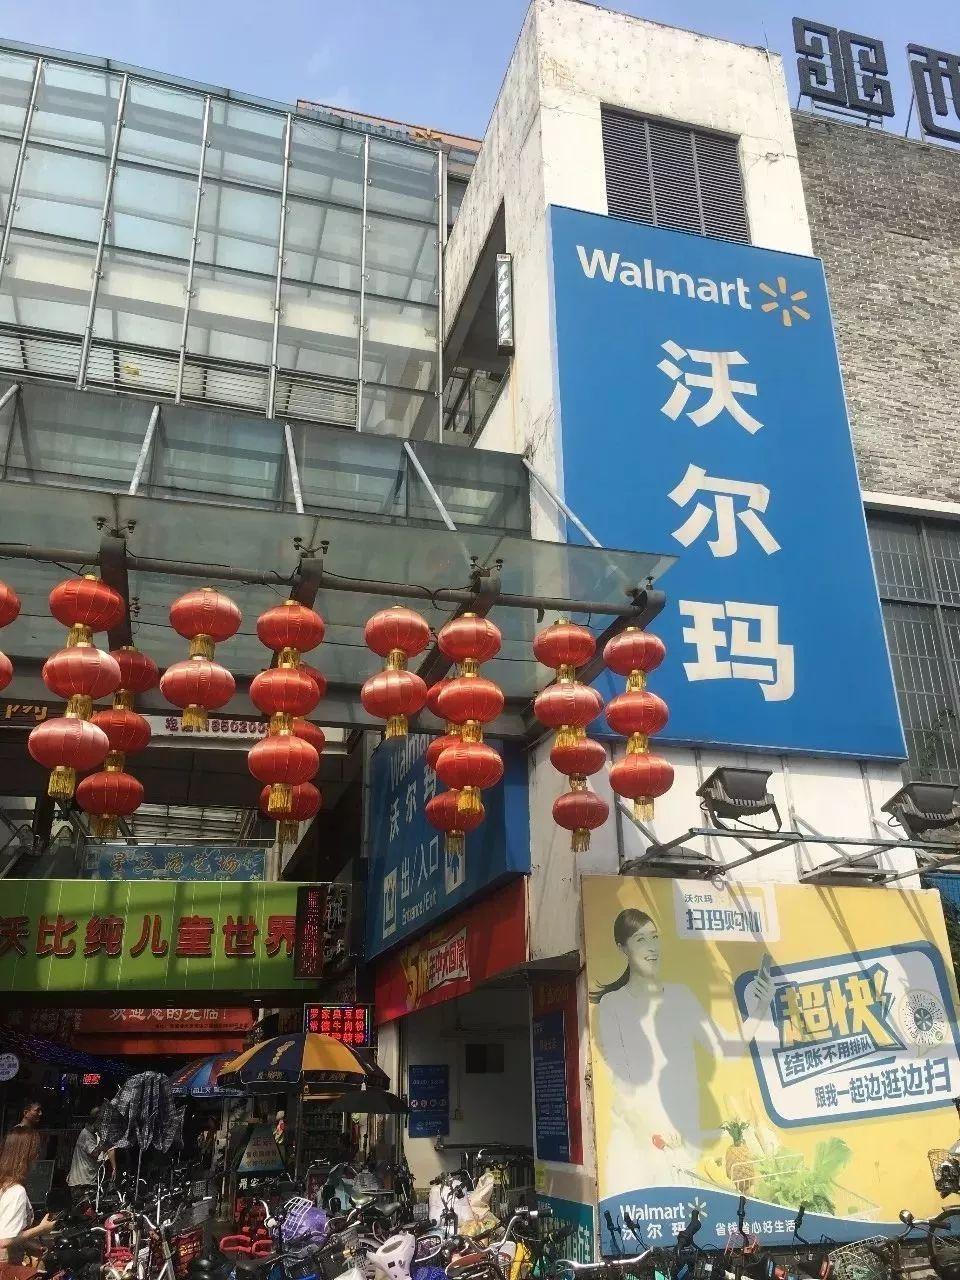 @东莞人 还有两天,西城楼沃尔玛要再见了!